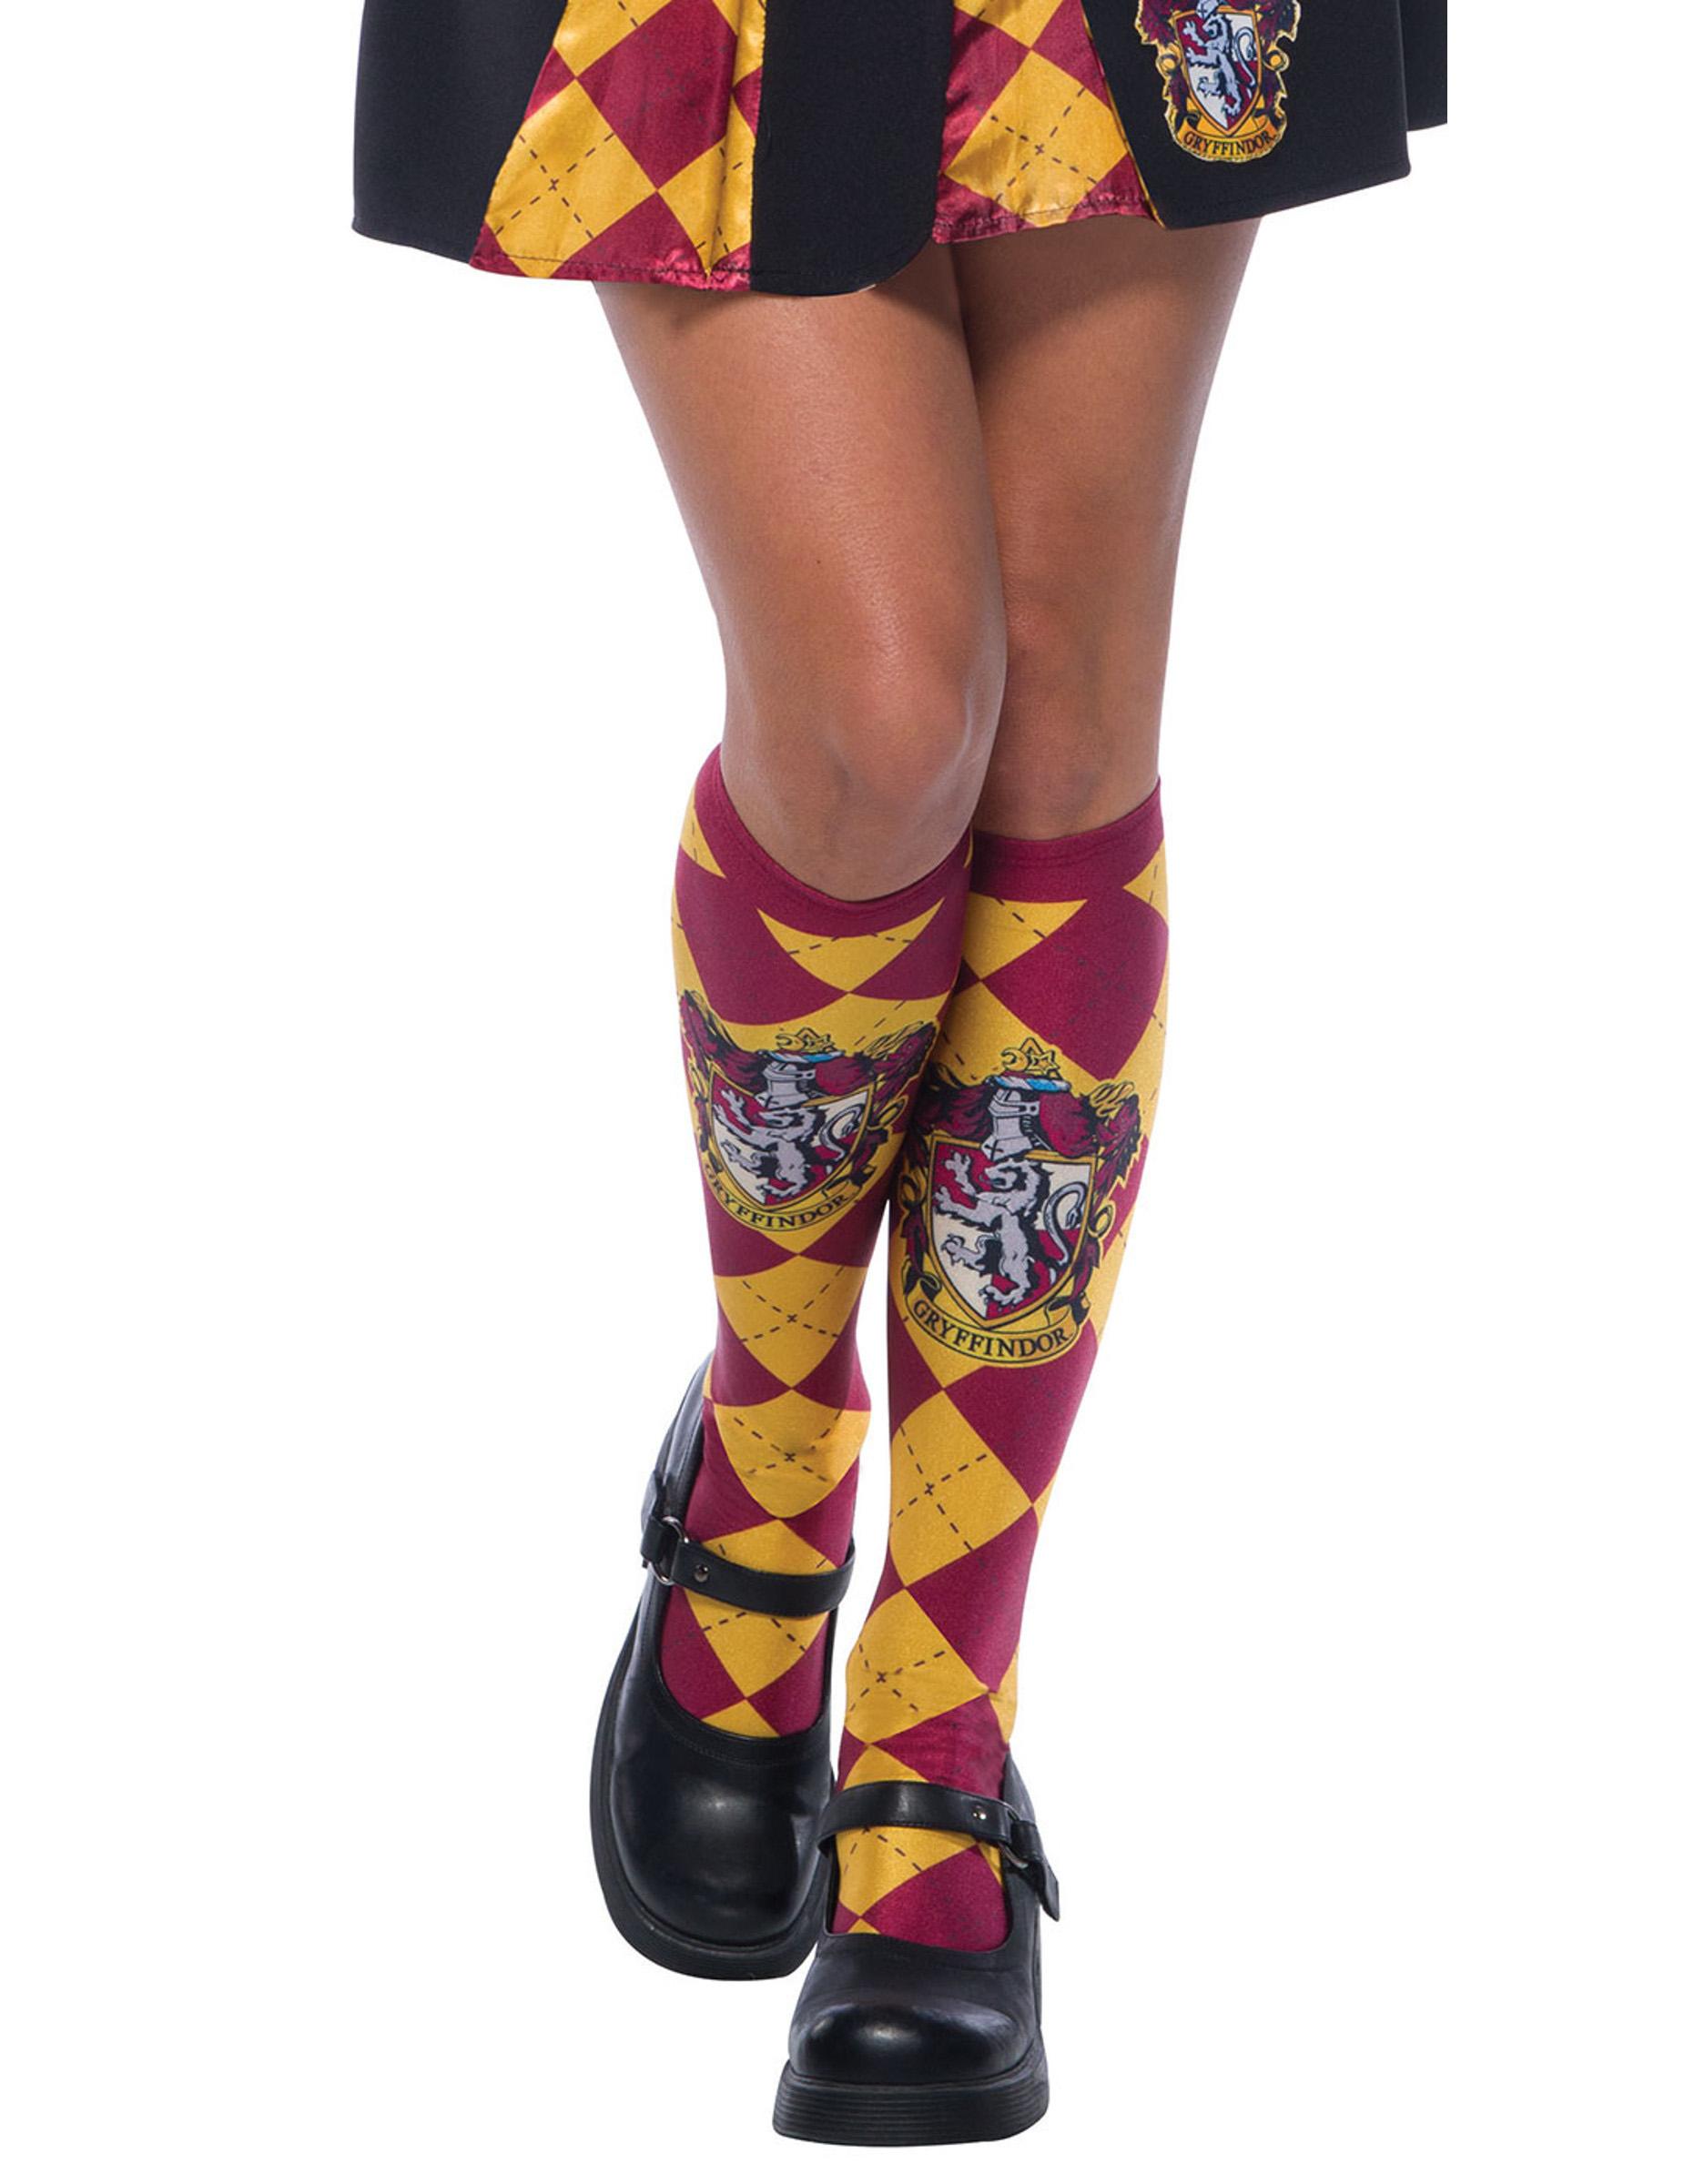 Extreem Harry Potter™ Griffoendor sokken voor volwassenen: Accessoires,en &UL33